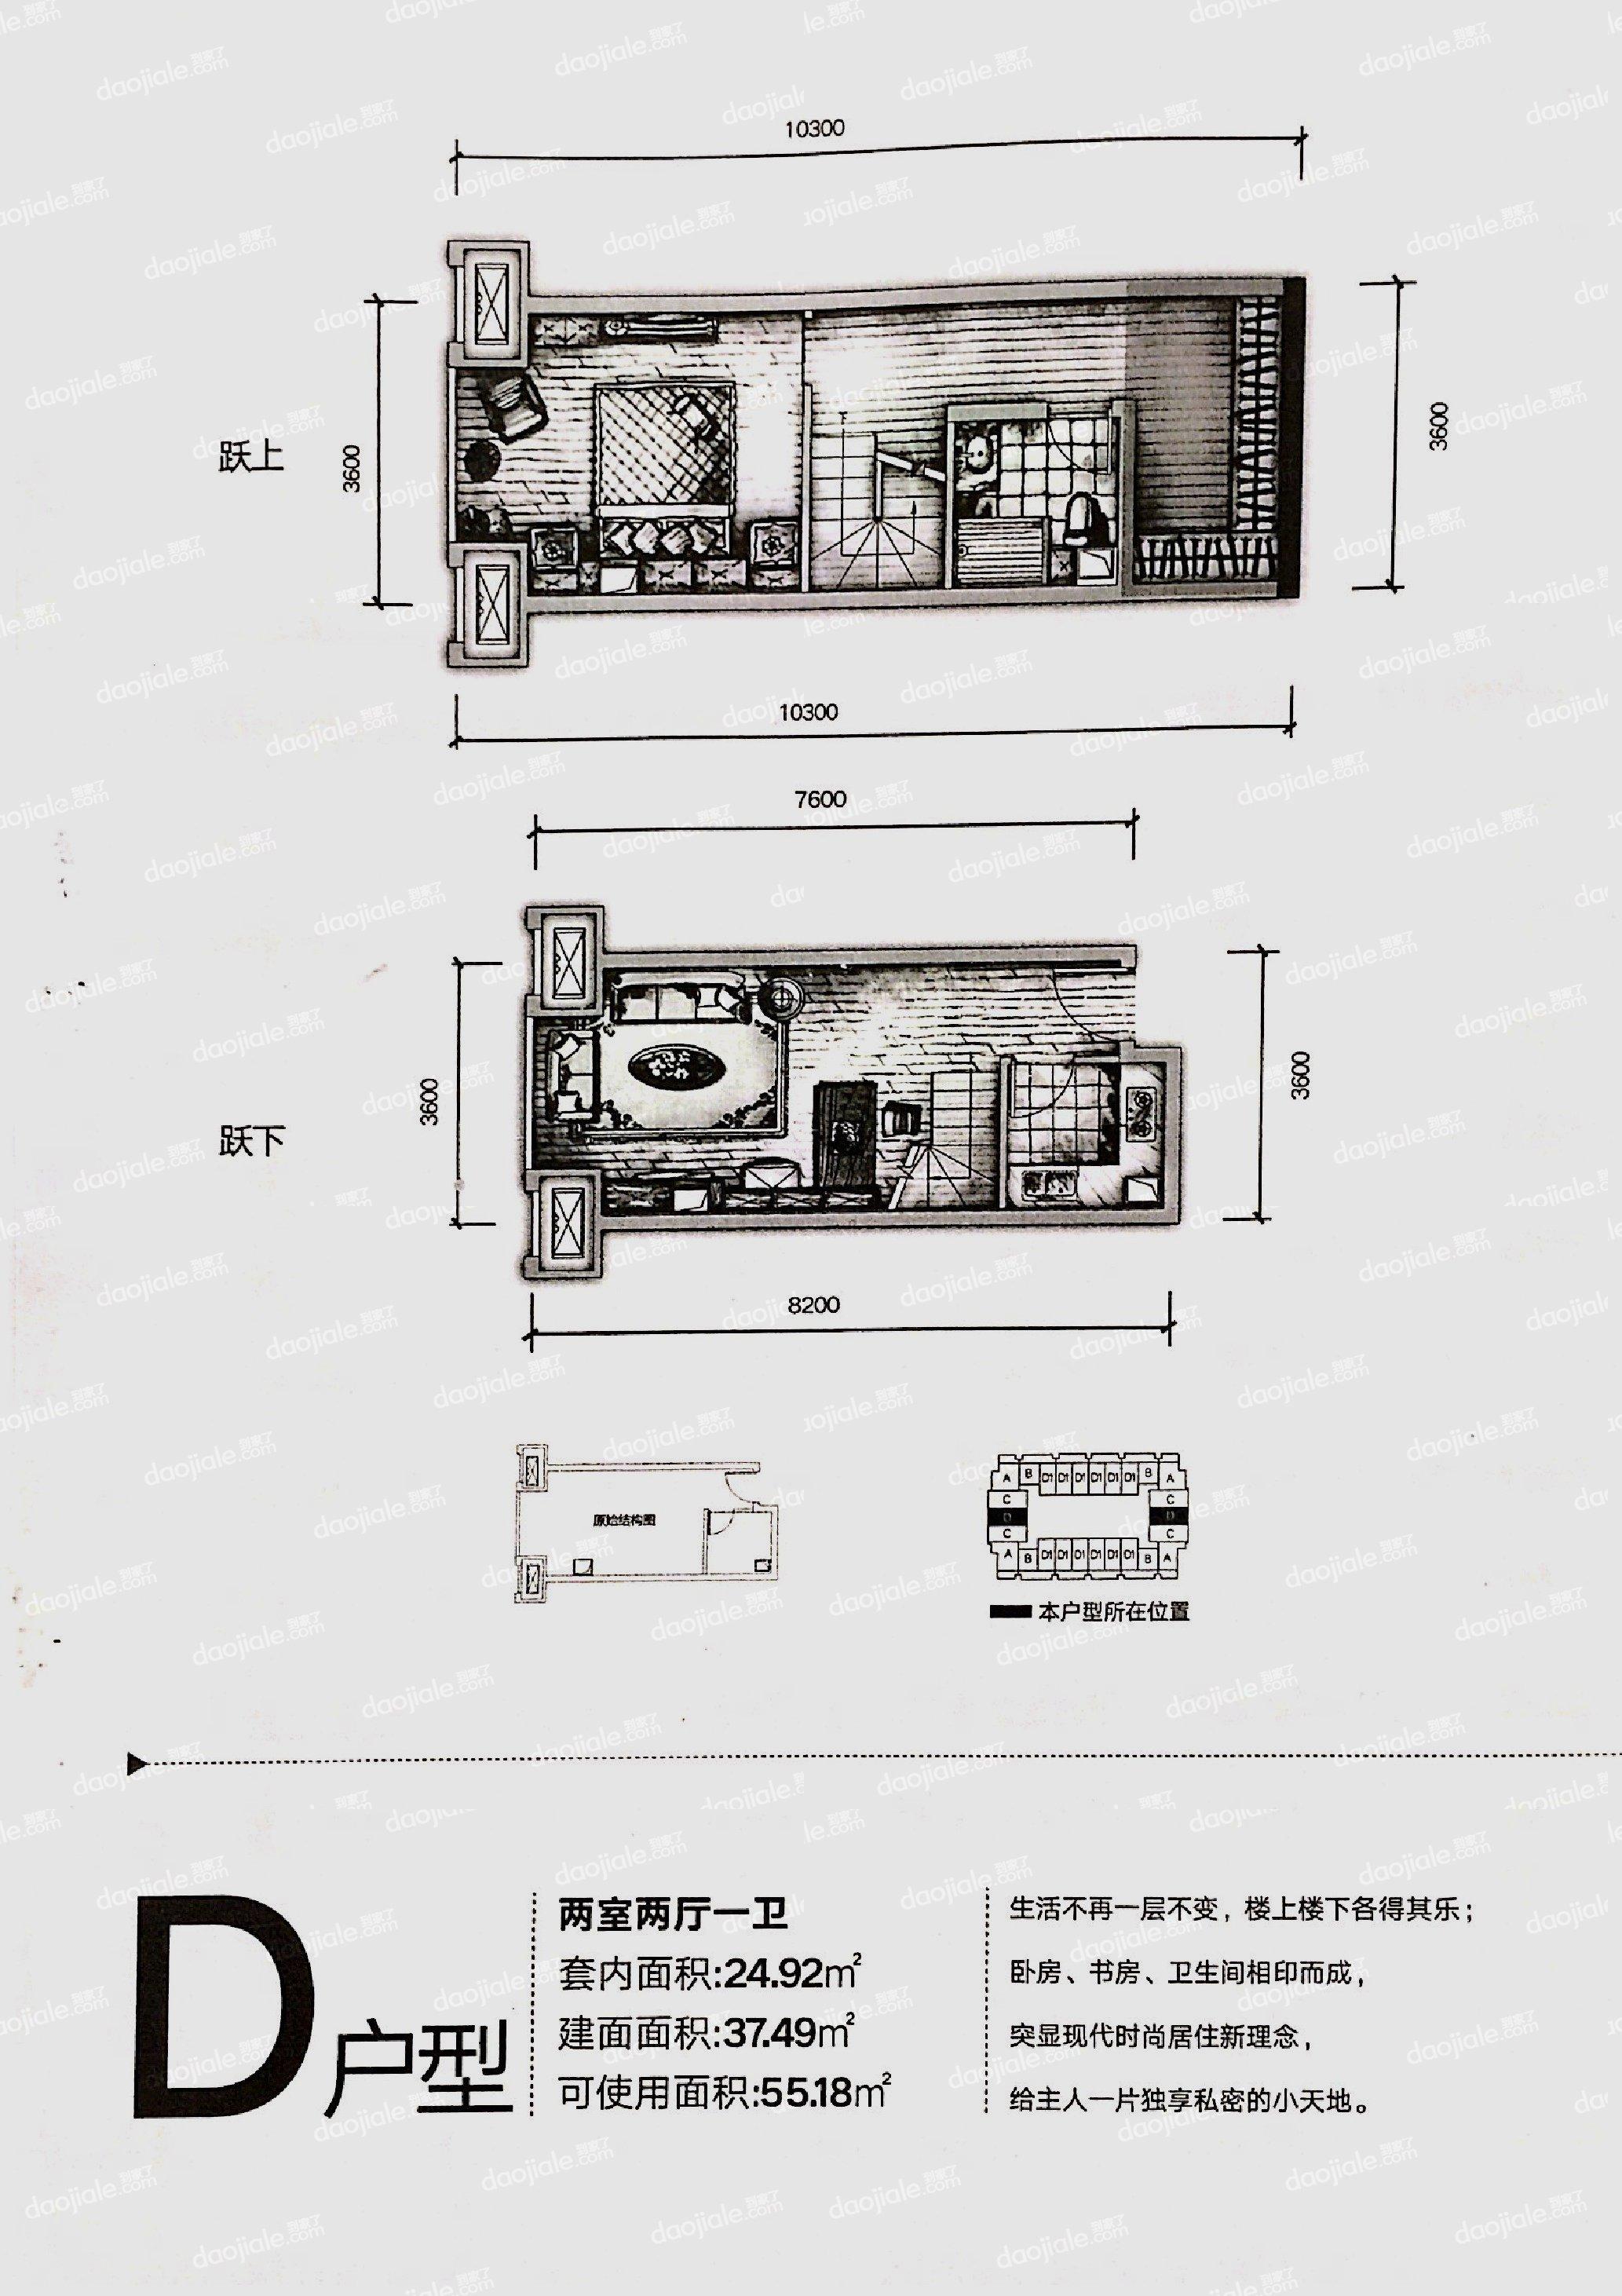 沙坪坝区双碑信达滨江蓝庭新房D户型图